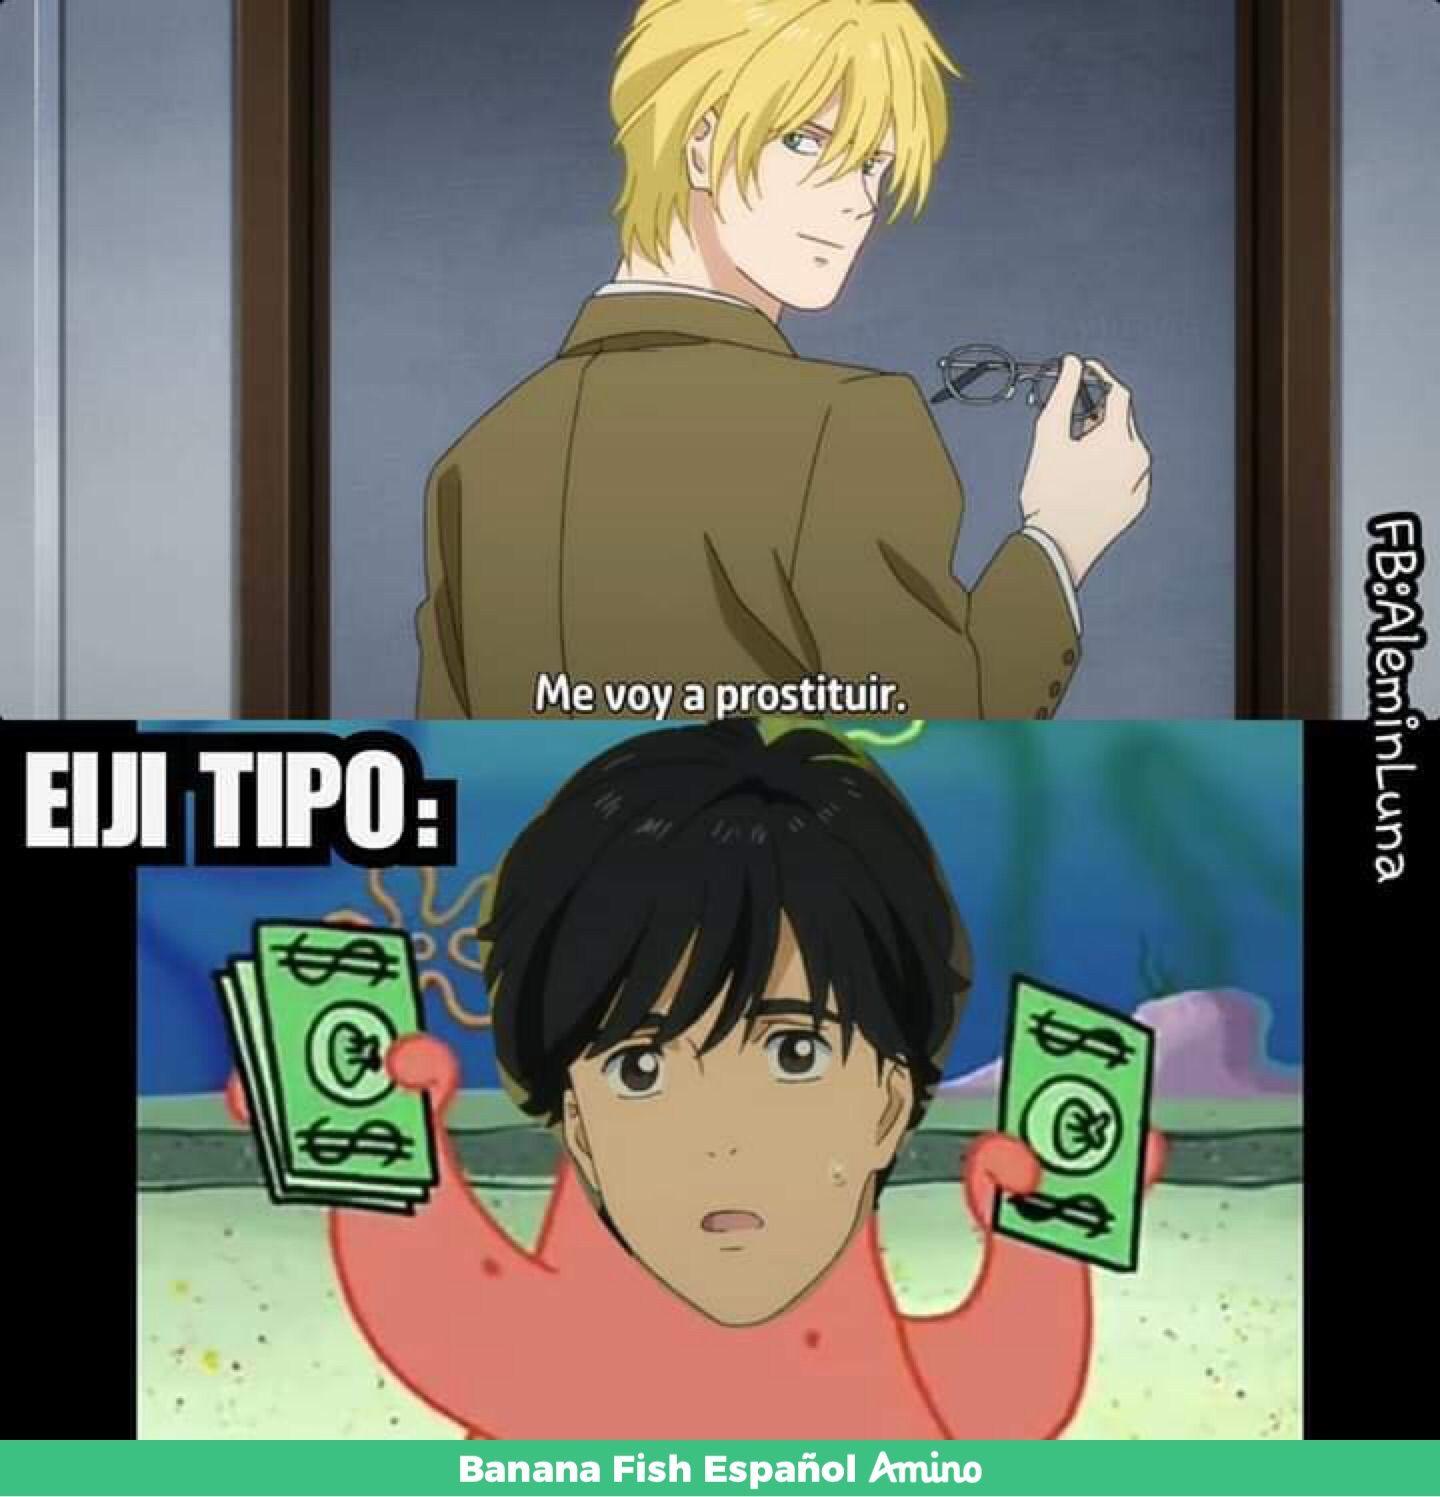 Memes a la 1 am ¿Por qué no? xd   Banana Fish Español Amino